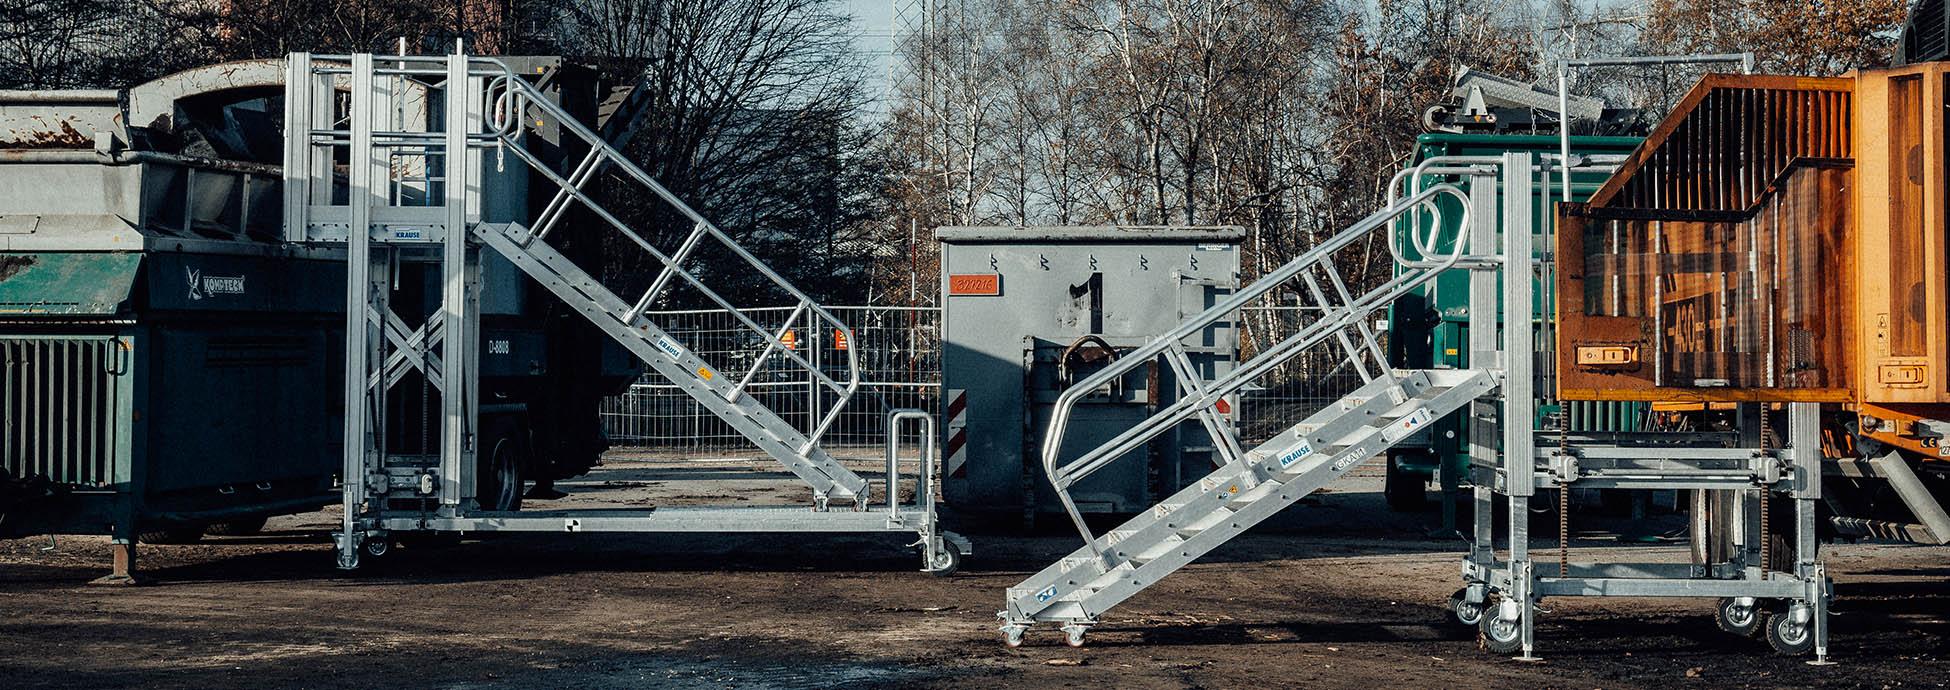 Gurítható és állítható magasságú munkaállvány lépcsőfeljáróval